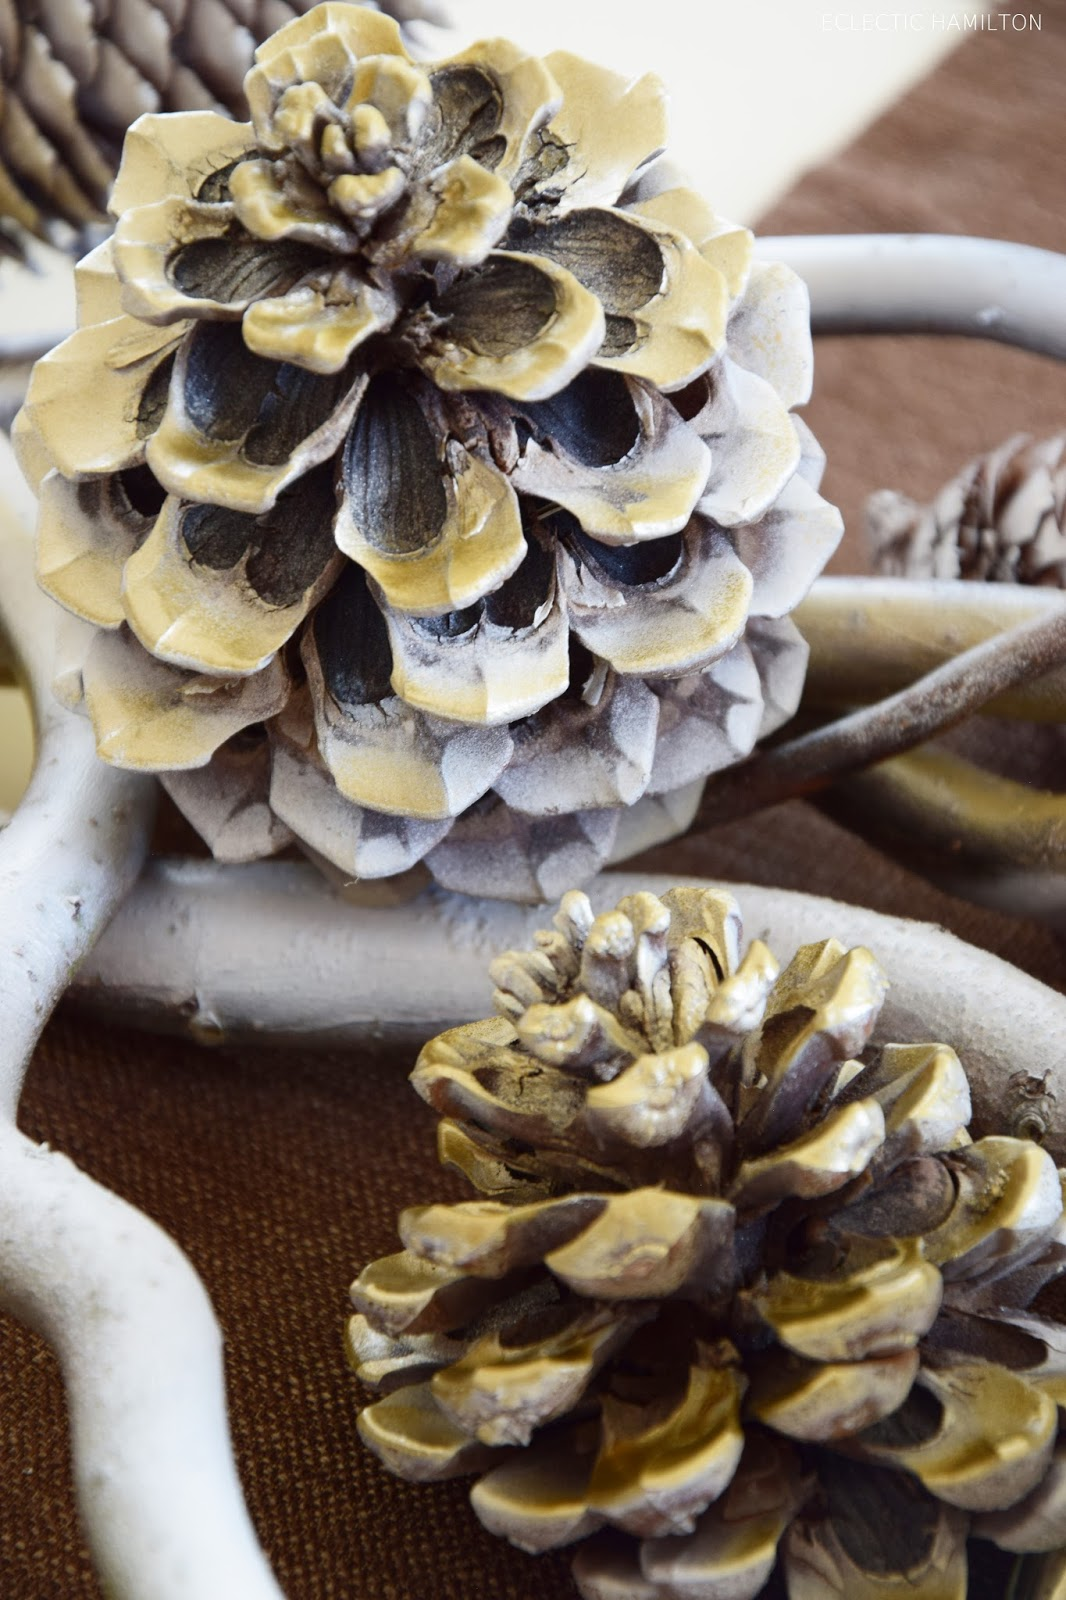 DIY - Von Herbst auf Winter in wenigen Minuten. Wie ihr mit Kürbissen und Zapfen eine tolle Deko zaubert. Einfach und schnell. Dekoration, Tischdeko, Farbspray, Gold und Weiß, Weihnachten